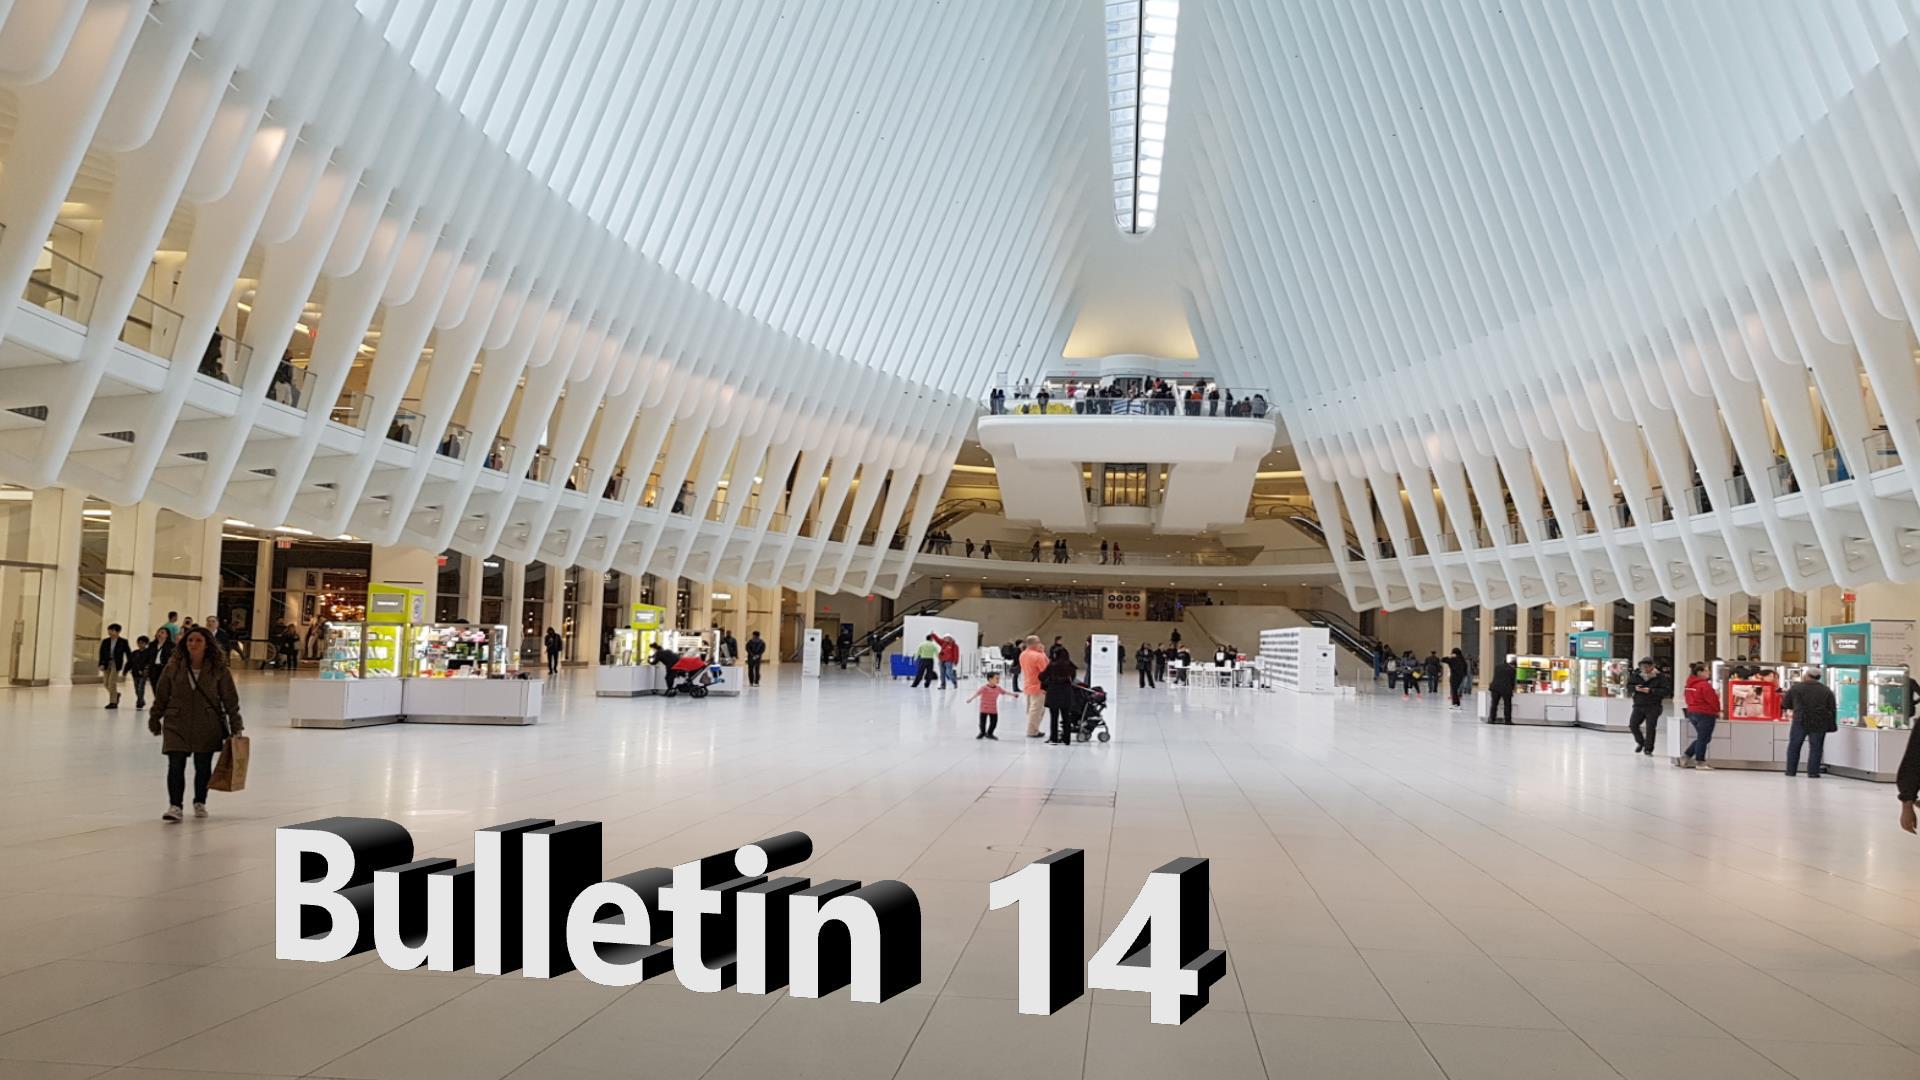 Bulletin 14, June 3